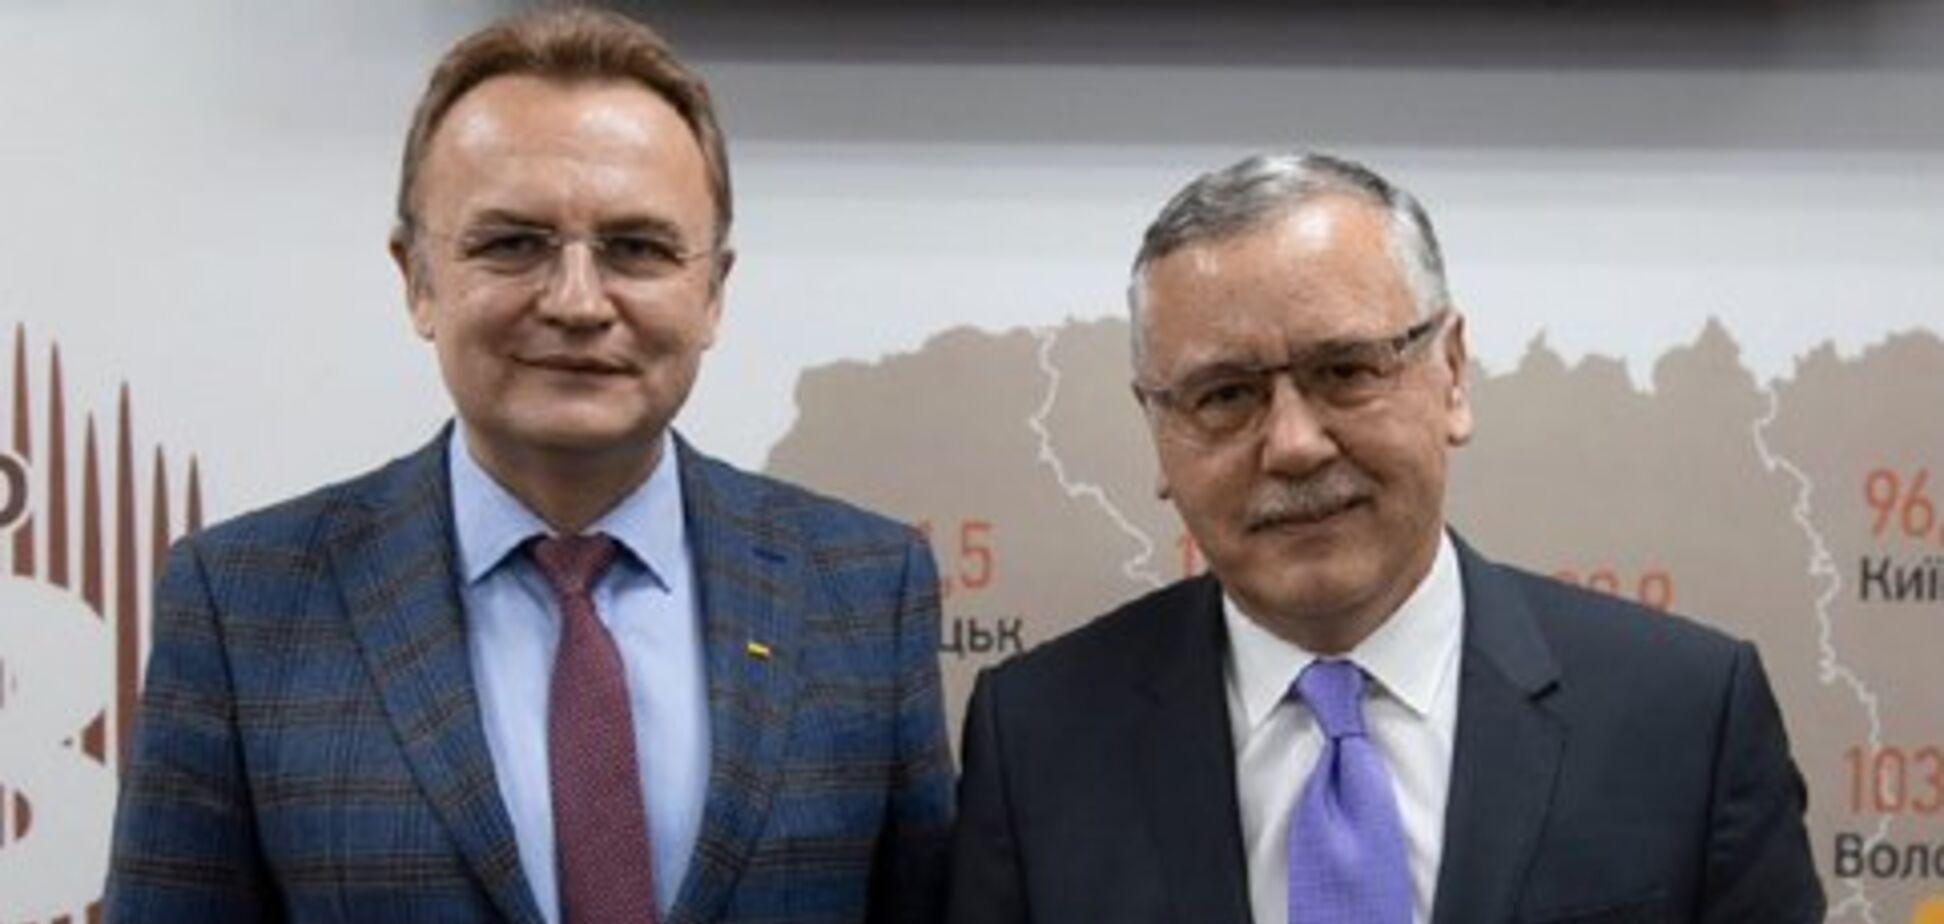 'Рейтинг вырастет': социолог озвучил приятные новости для Гриценко